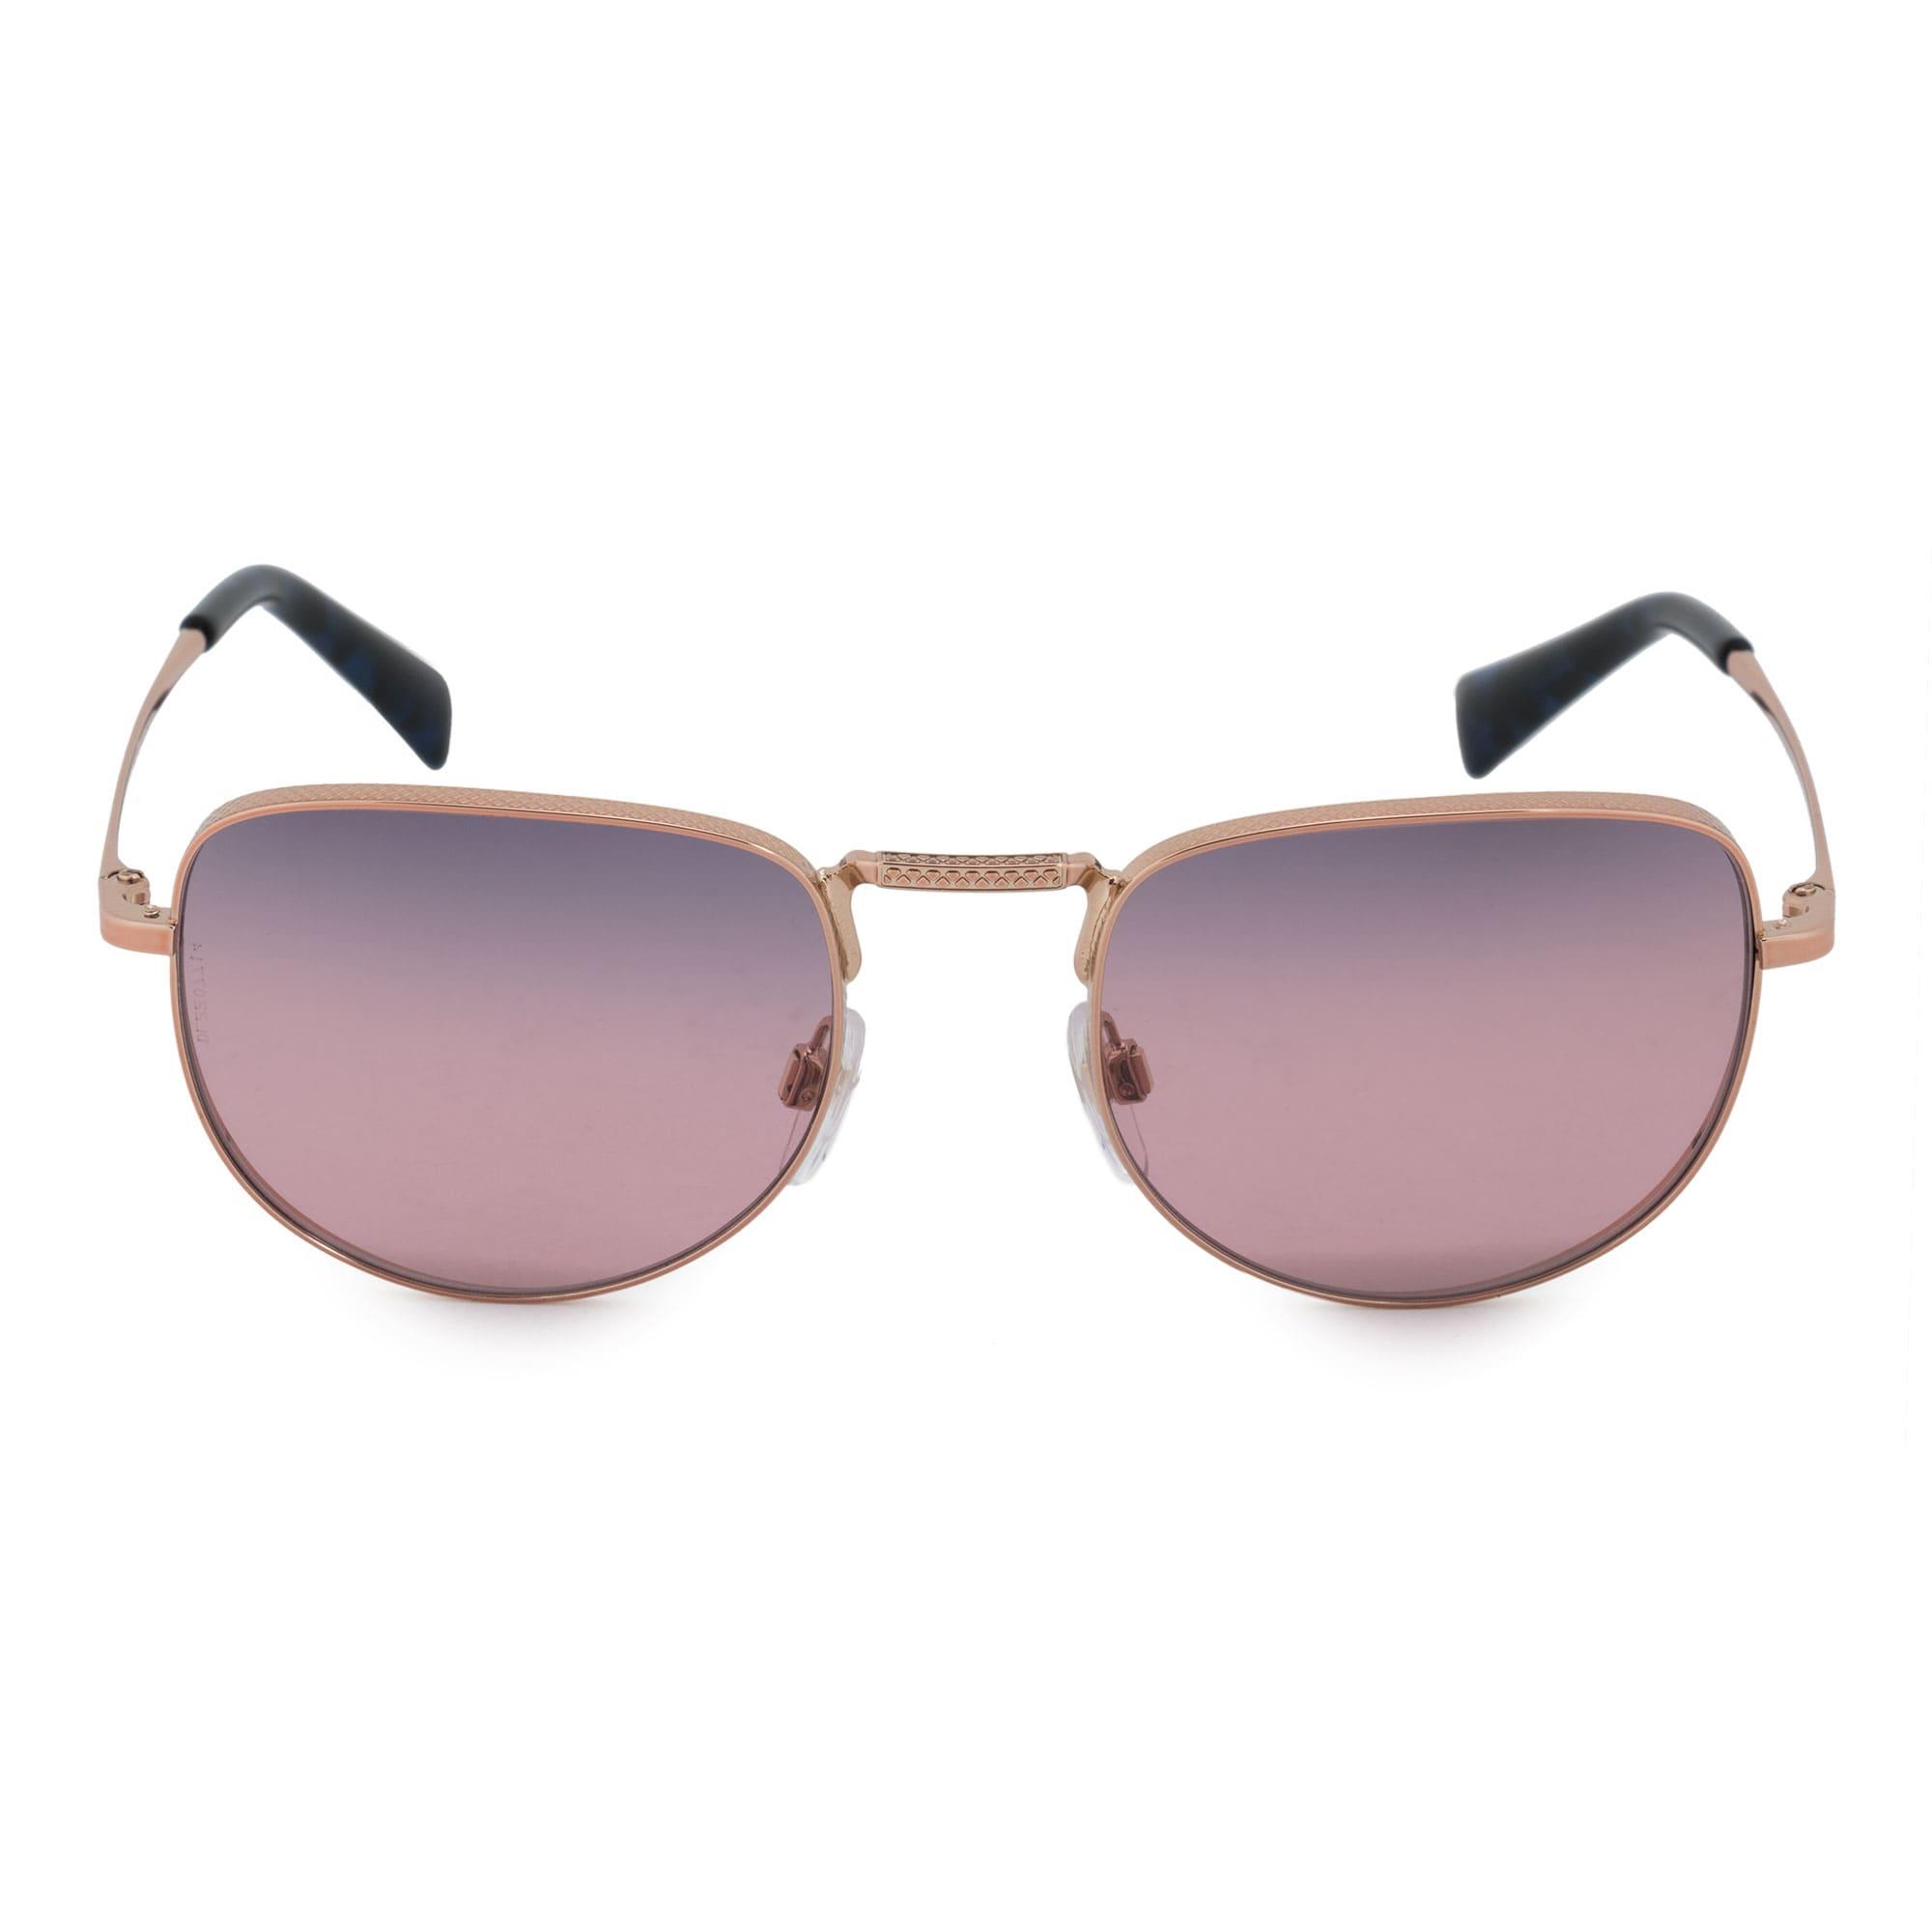 af08e73189e Valentino Sunglasses